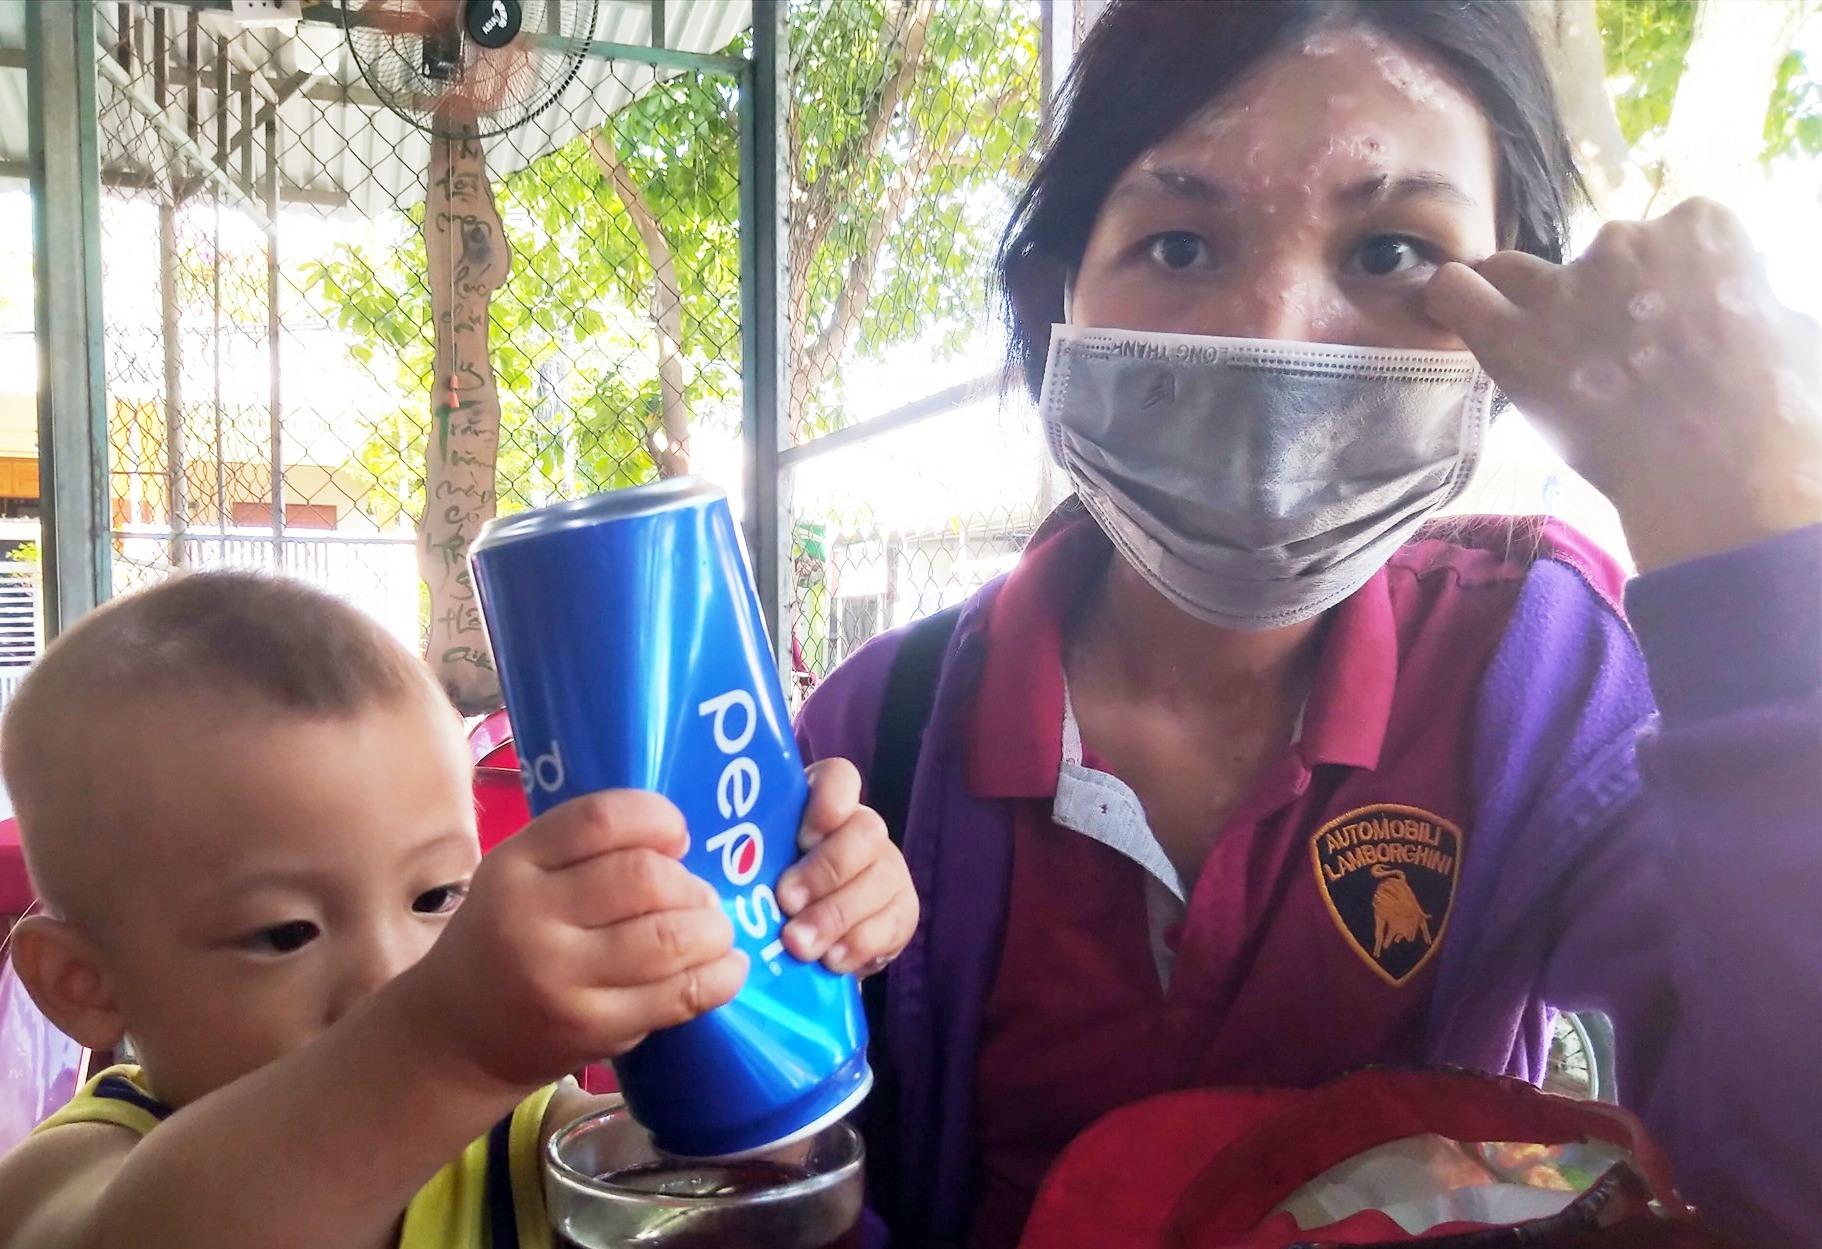 Hai mẹ con Phương đến nhận quà cứu trợ từ chương trình Cơm 0 đồng.